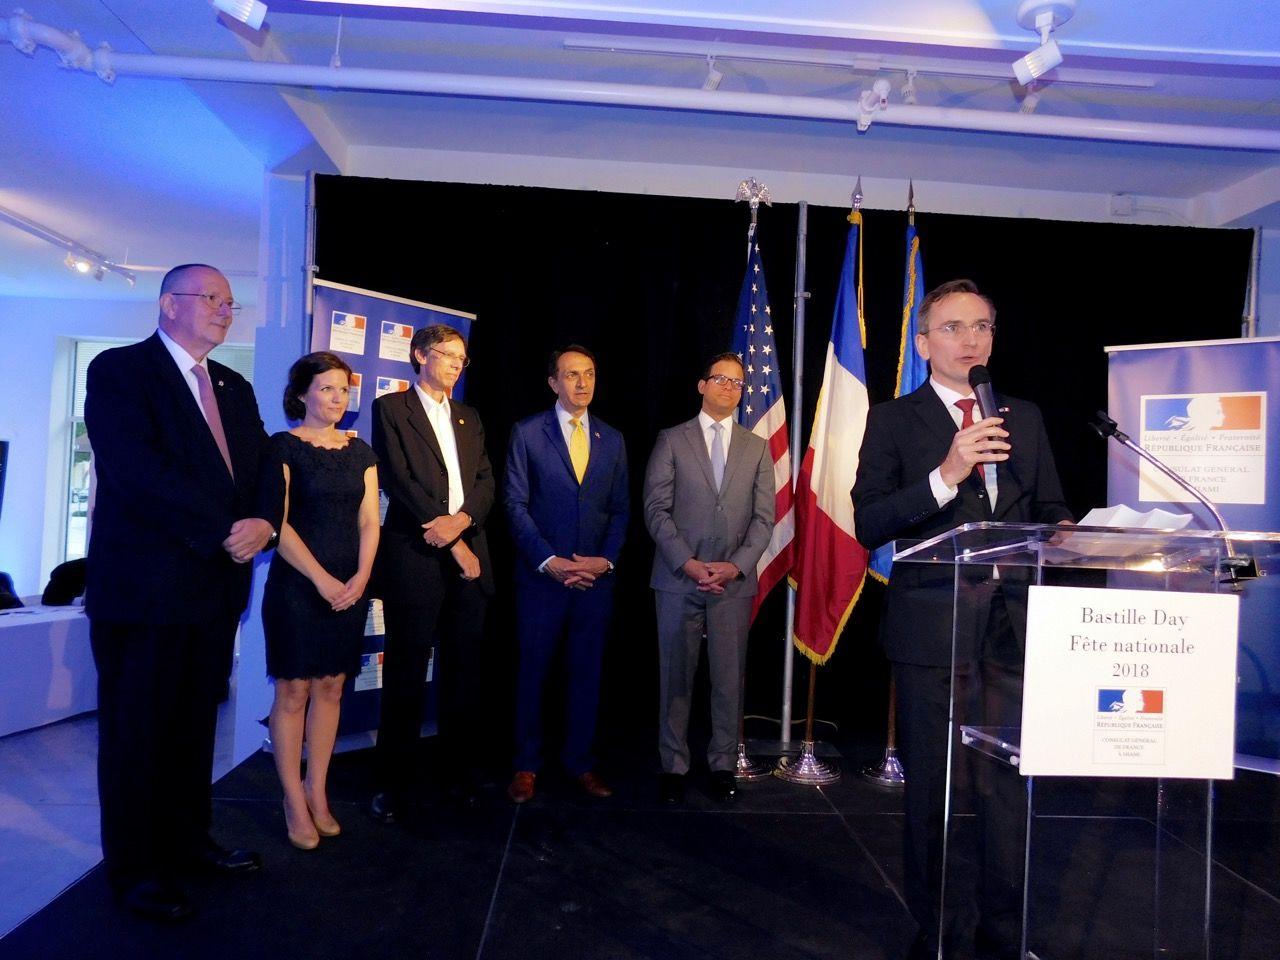 Clément Leclerc (au micro) avec (de gauche à droite) Xavier Capdevielle (conseiller consulaire), Dean Trantalis (maire de Fort Lauderdale), Philip Stoddard (maire de South Miami) et le Lieutenant-Gouverneur de Floride : Carlos López-Cantera (N°2 de l'Etat de Floride).